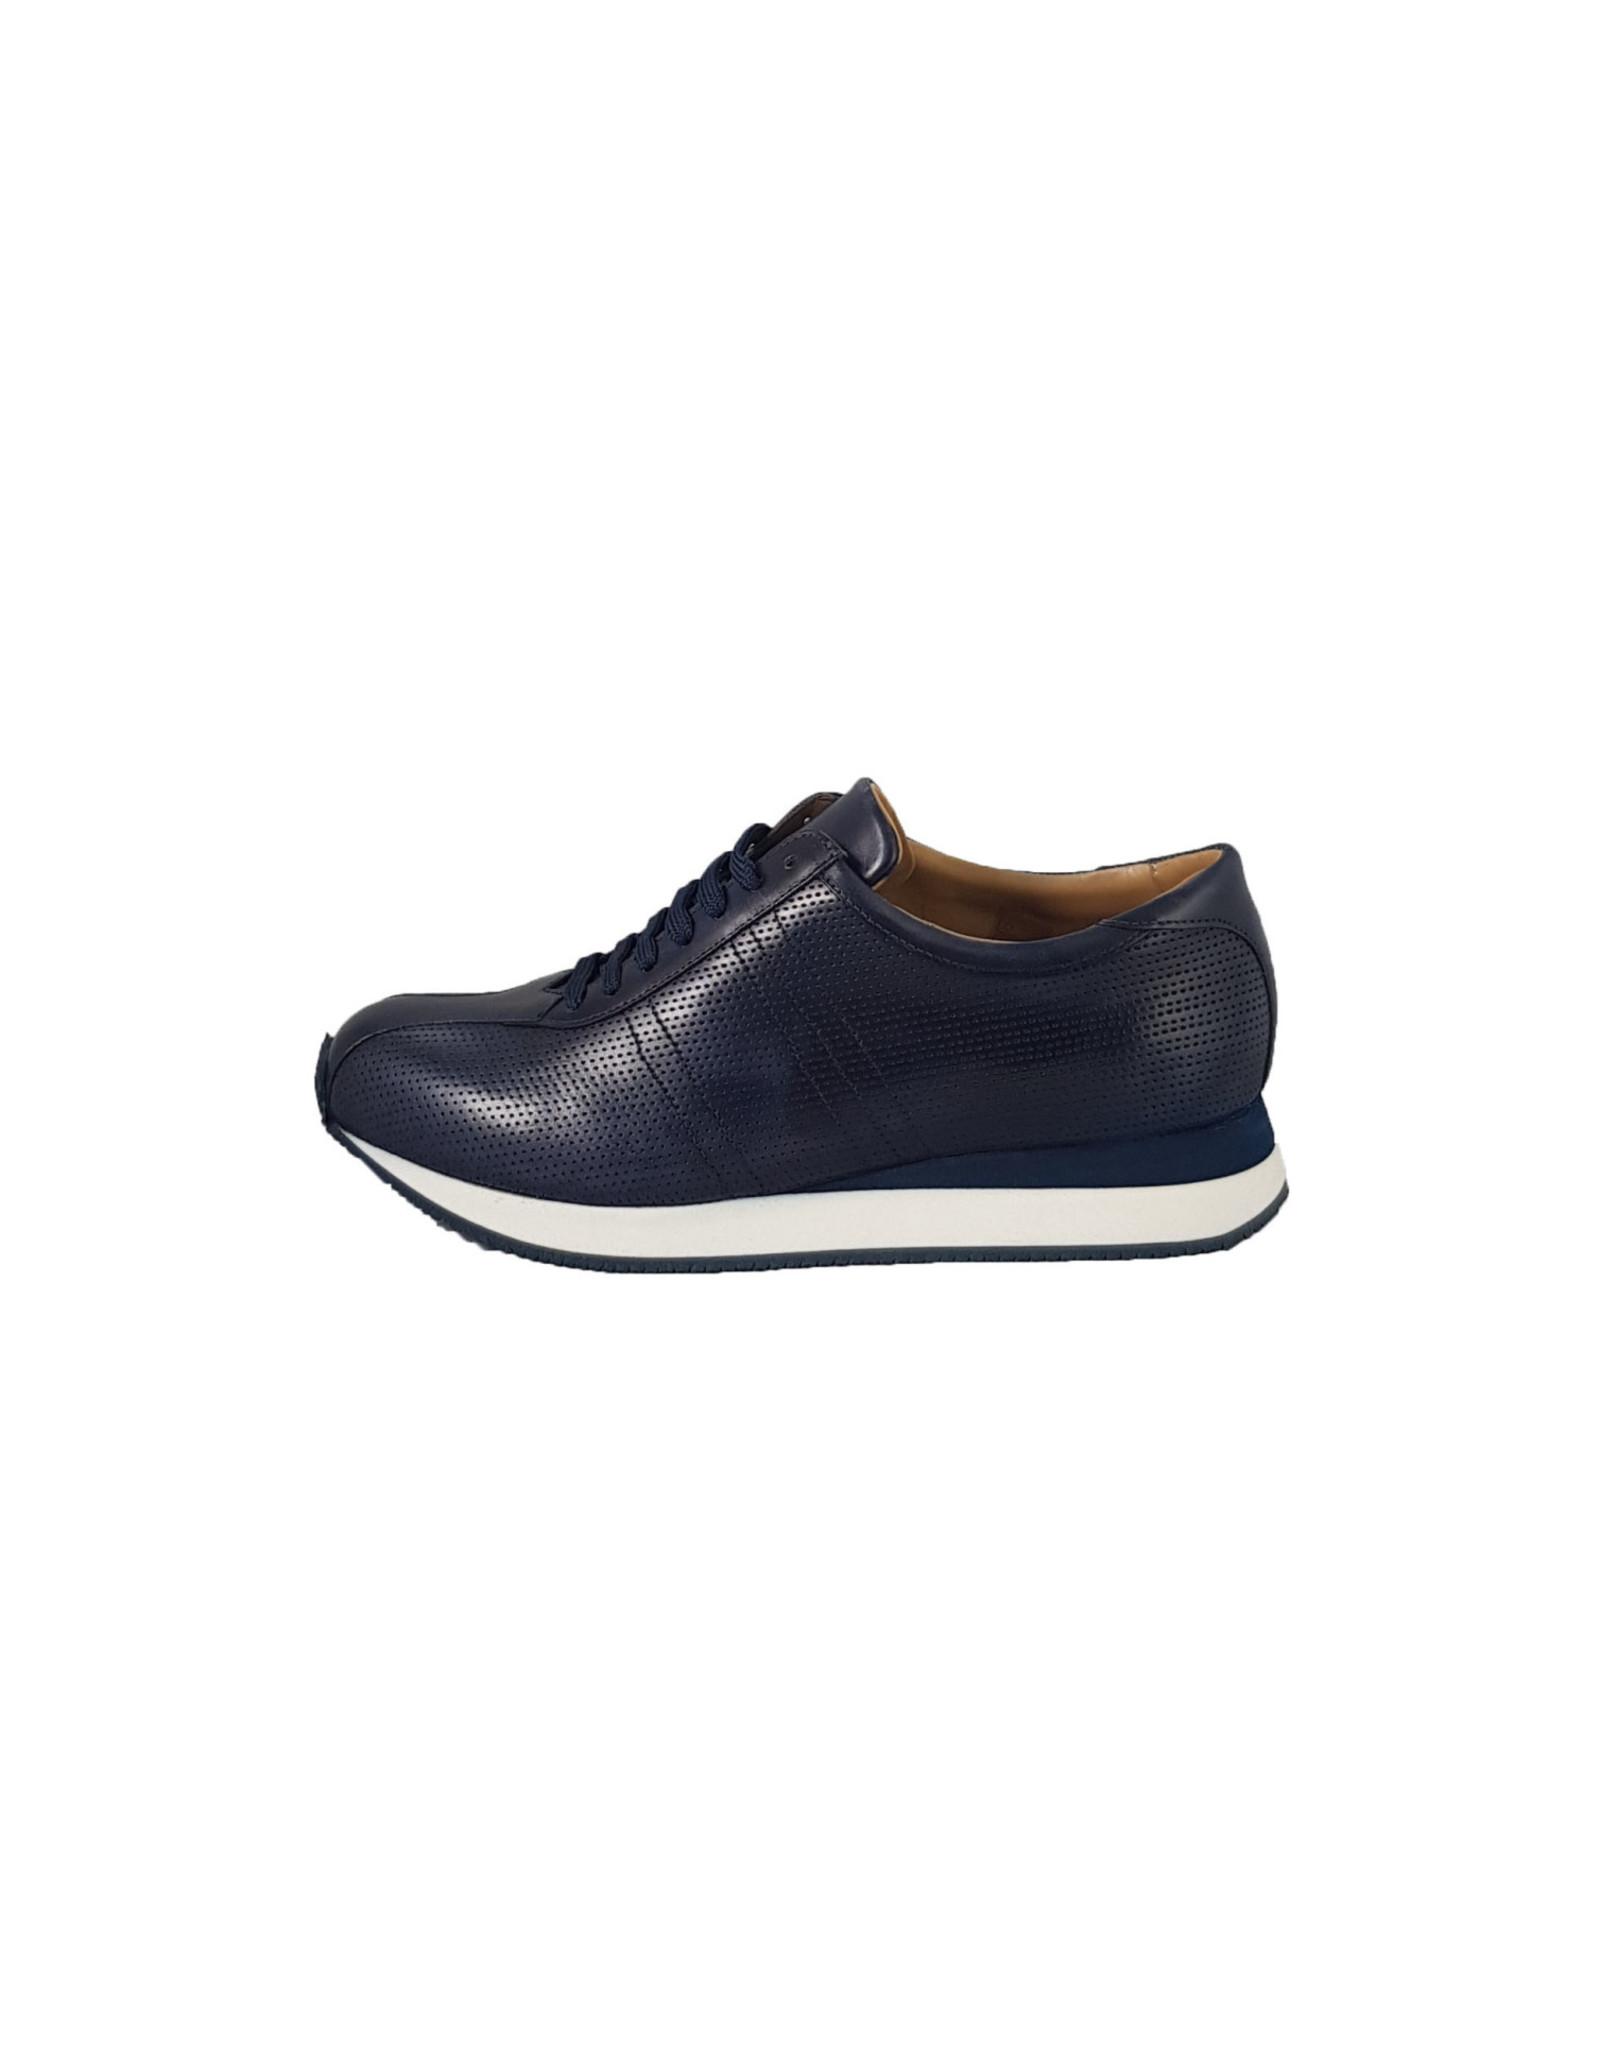 Zampiere Zampiere schoenen blauw Delave cloud M:5264 V18